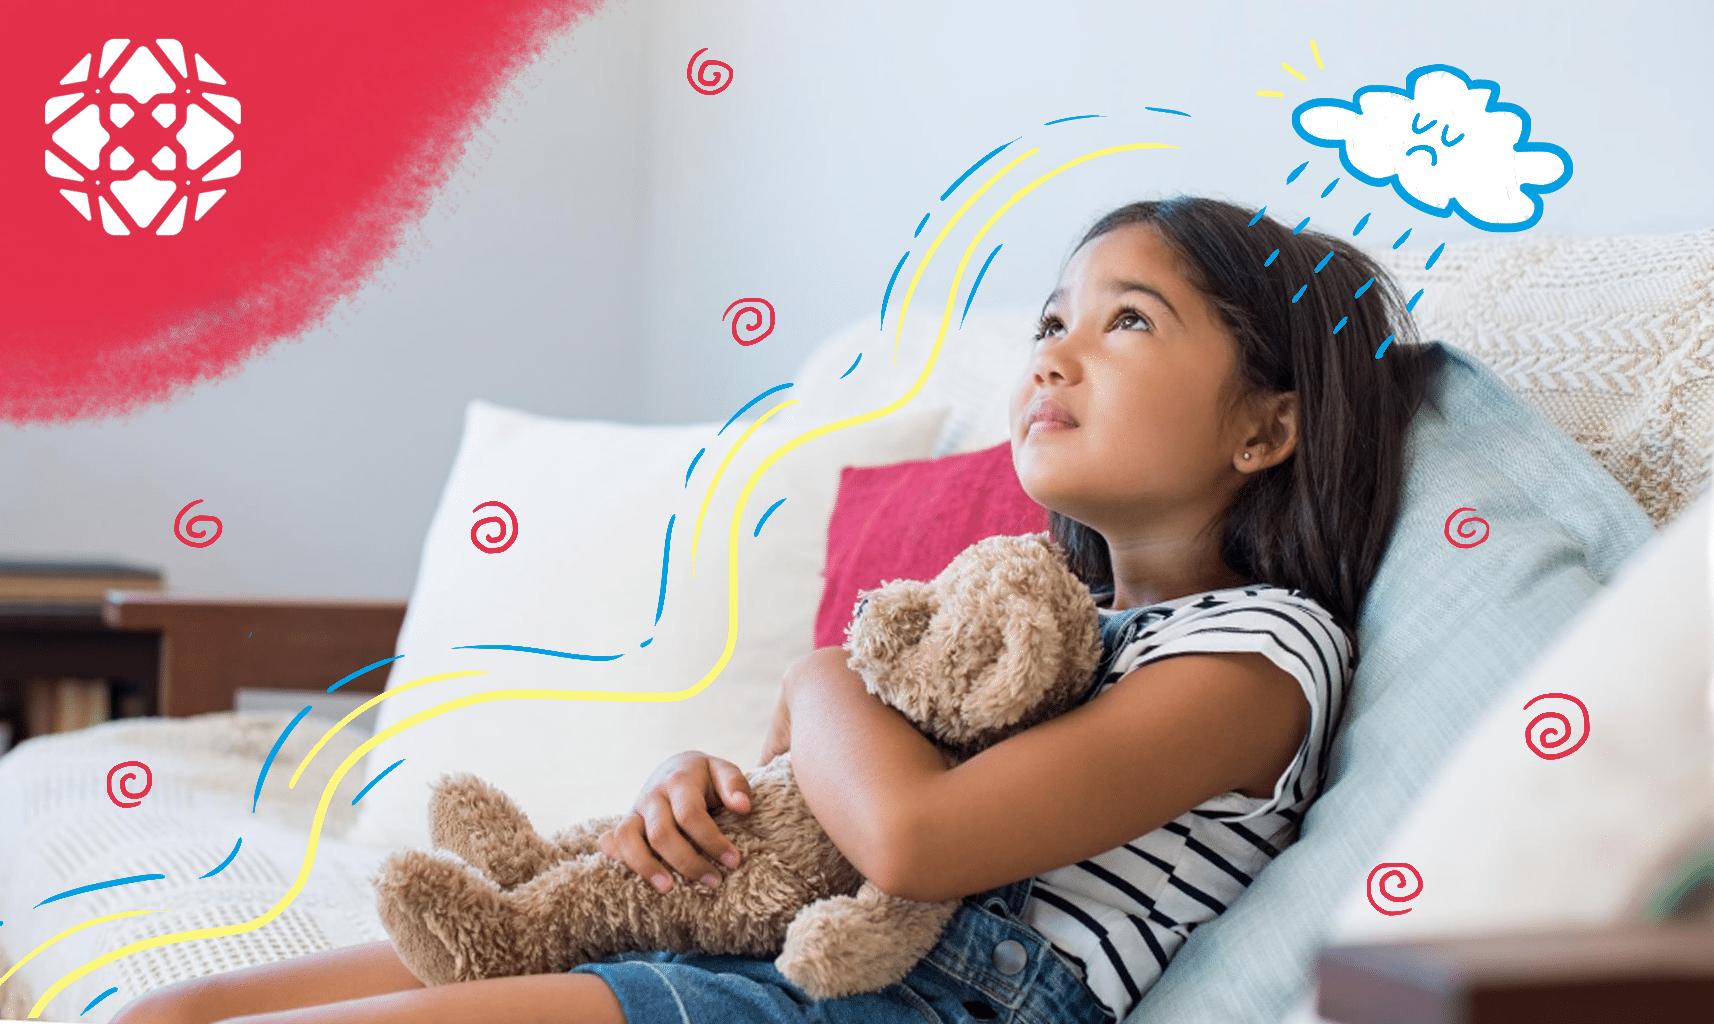 Padrão de pensamentos negativos e distorções cognitivas em crianças durante a infância - Truth and Tales